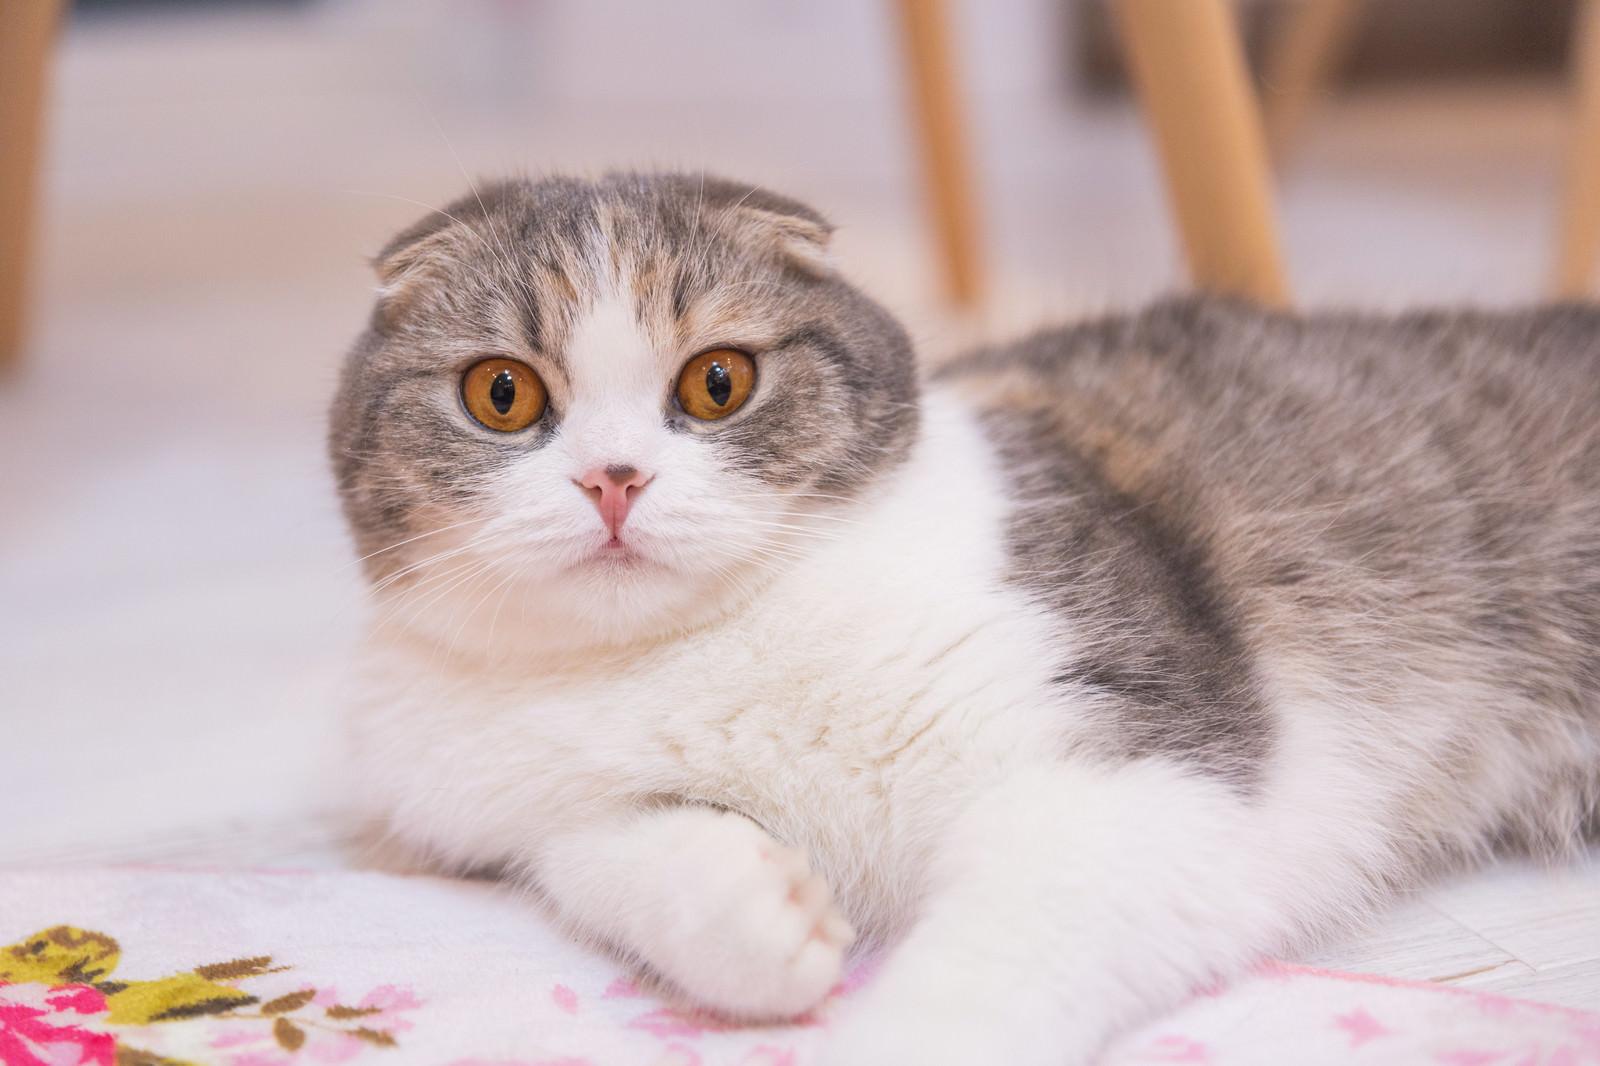 「目を見開く猫ちゃん」の写真